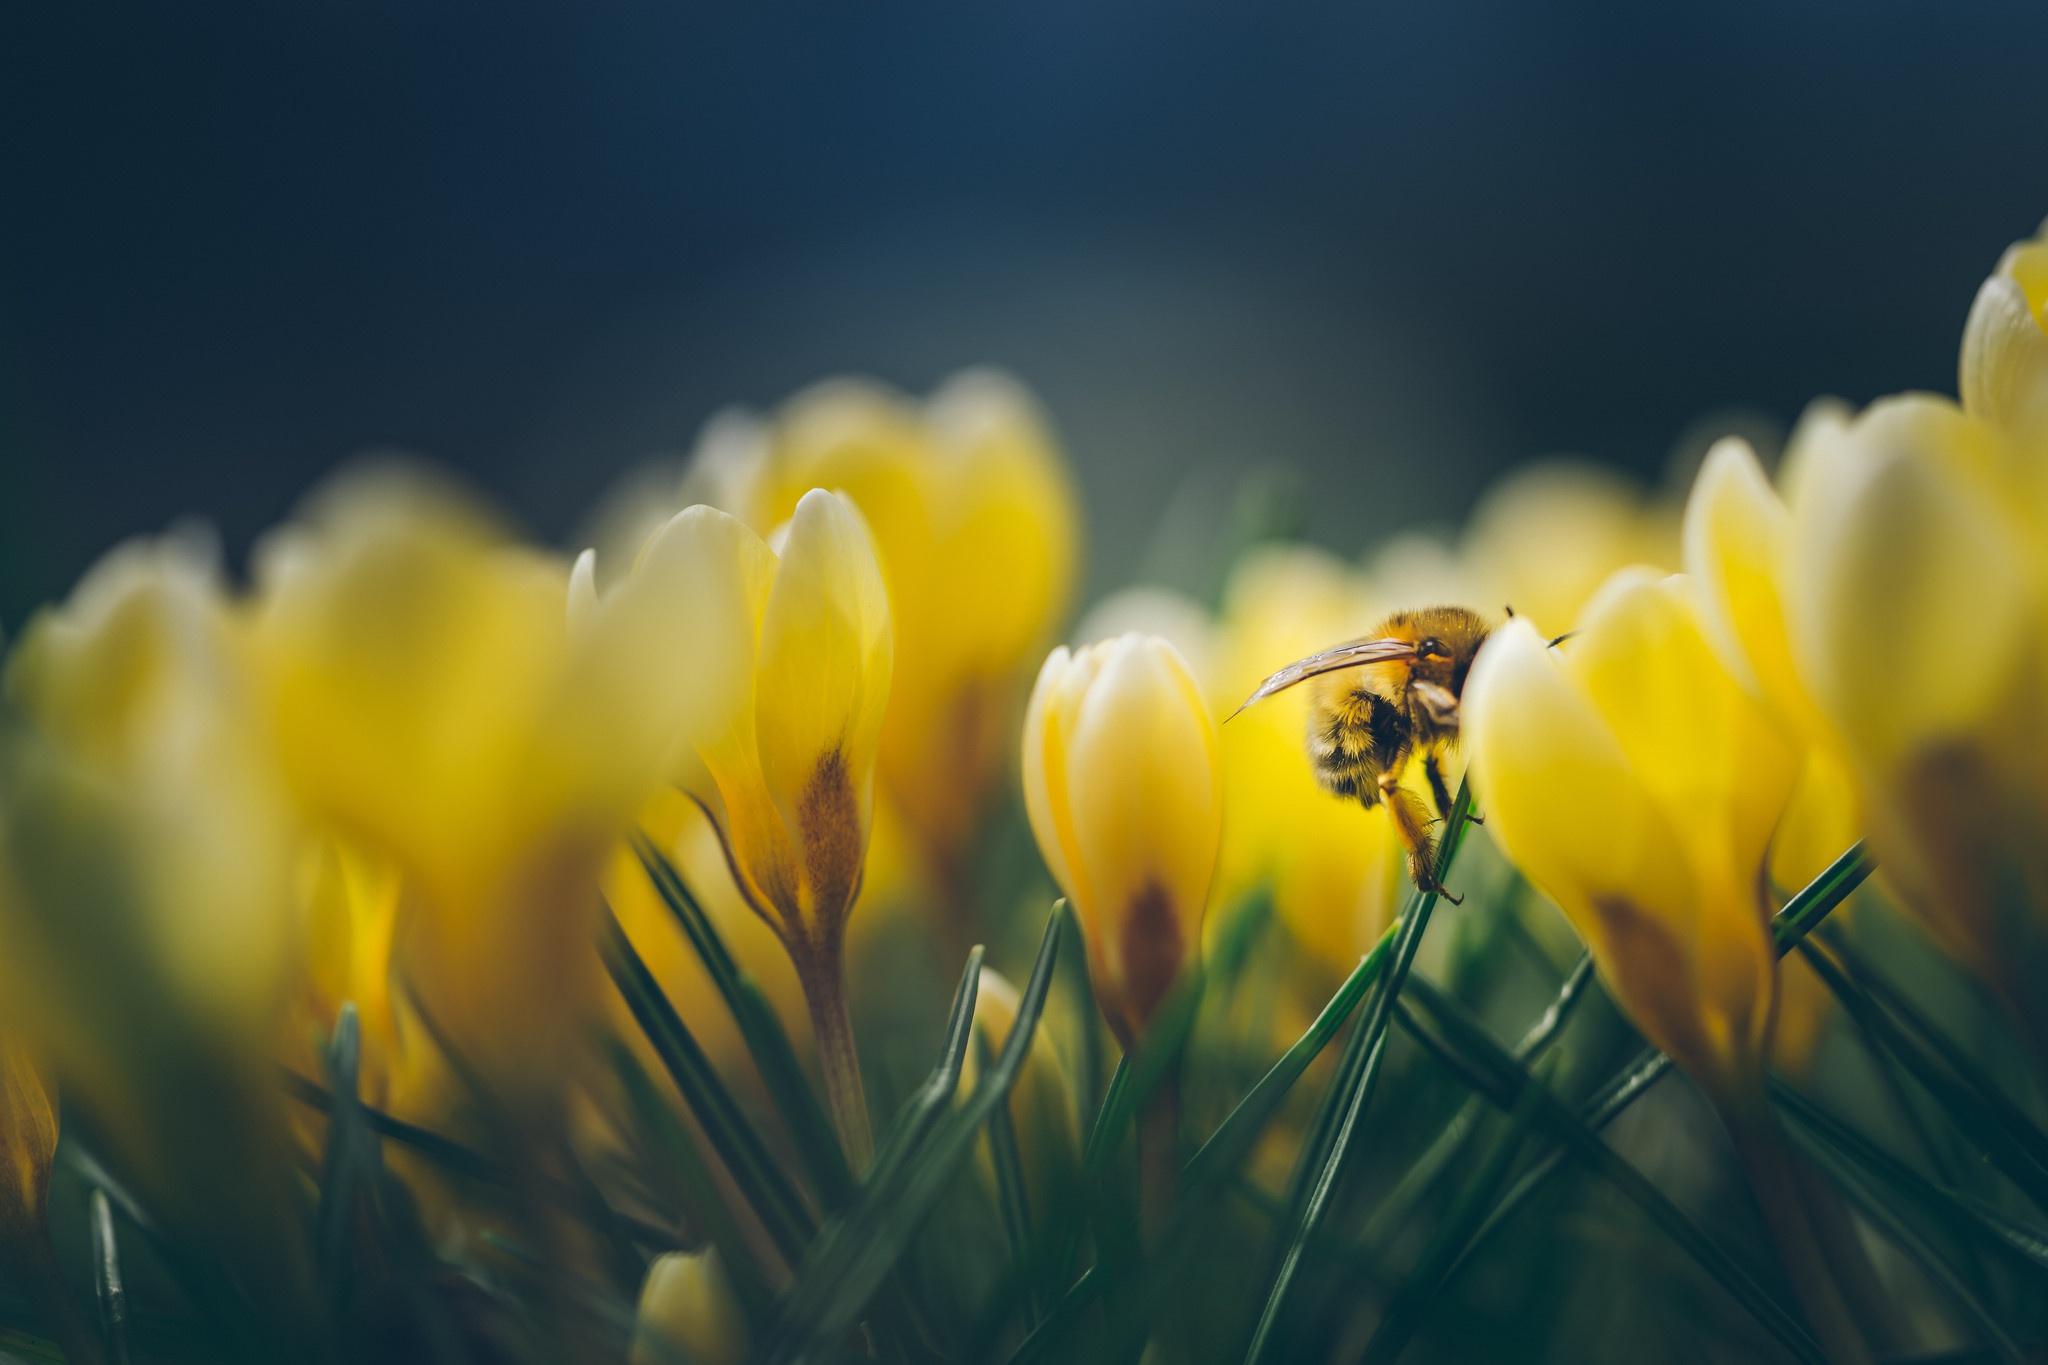 картинки солнечные весна макро путем